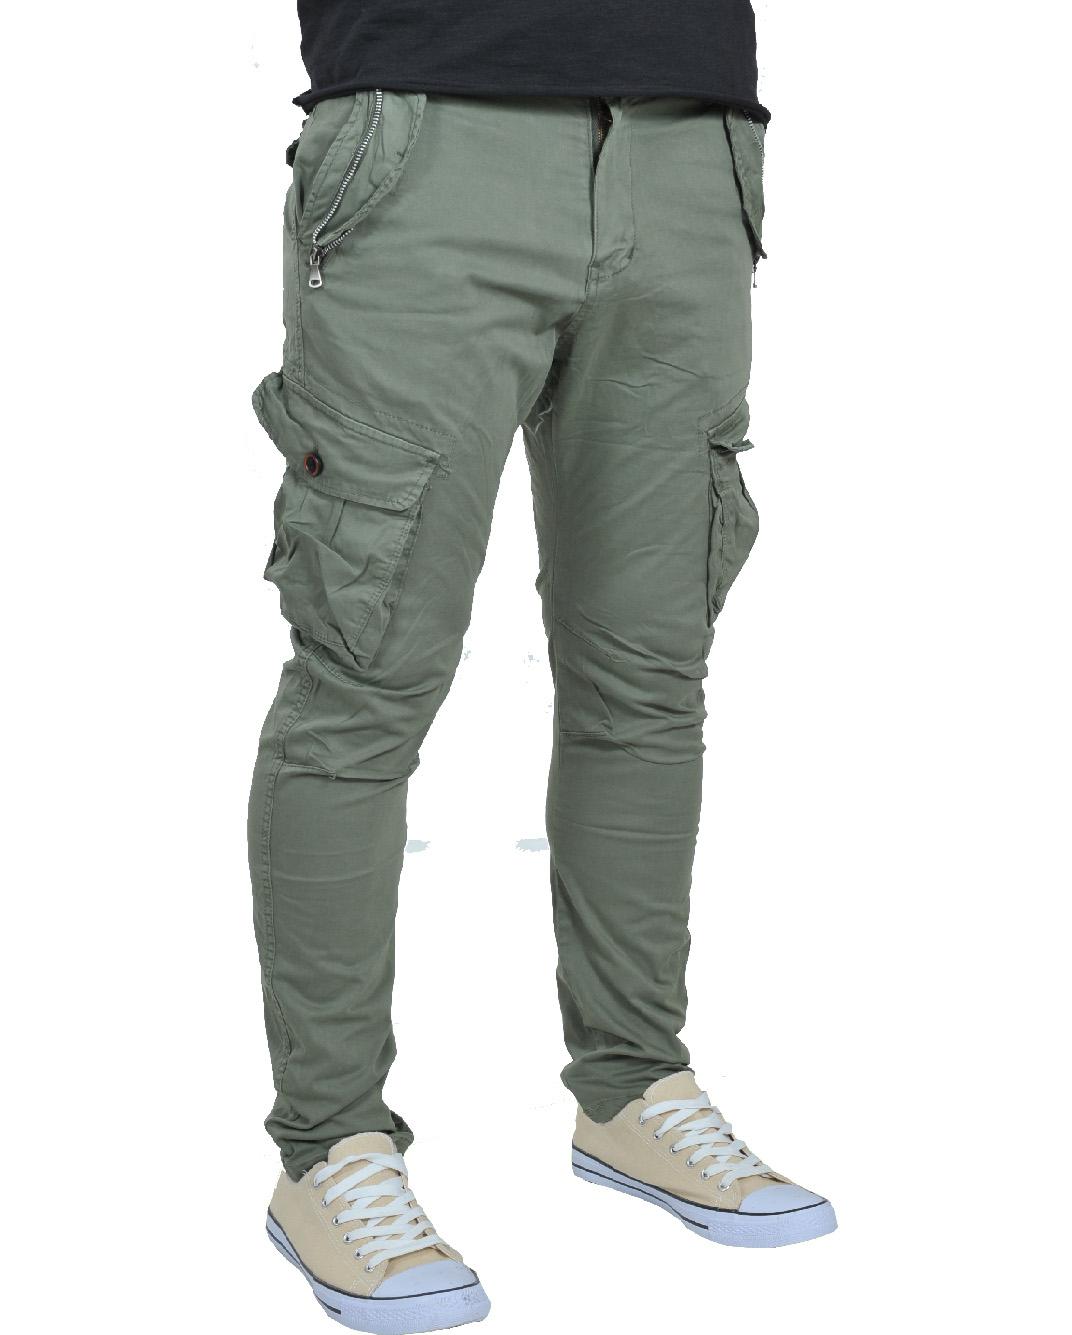 Ανδρικό Chino Παντελόνι Olive Green Cargo-Λαδί αρχική ανδρικά ρούχα παντελόνια παντελόνια chinos